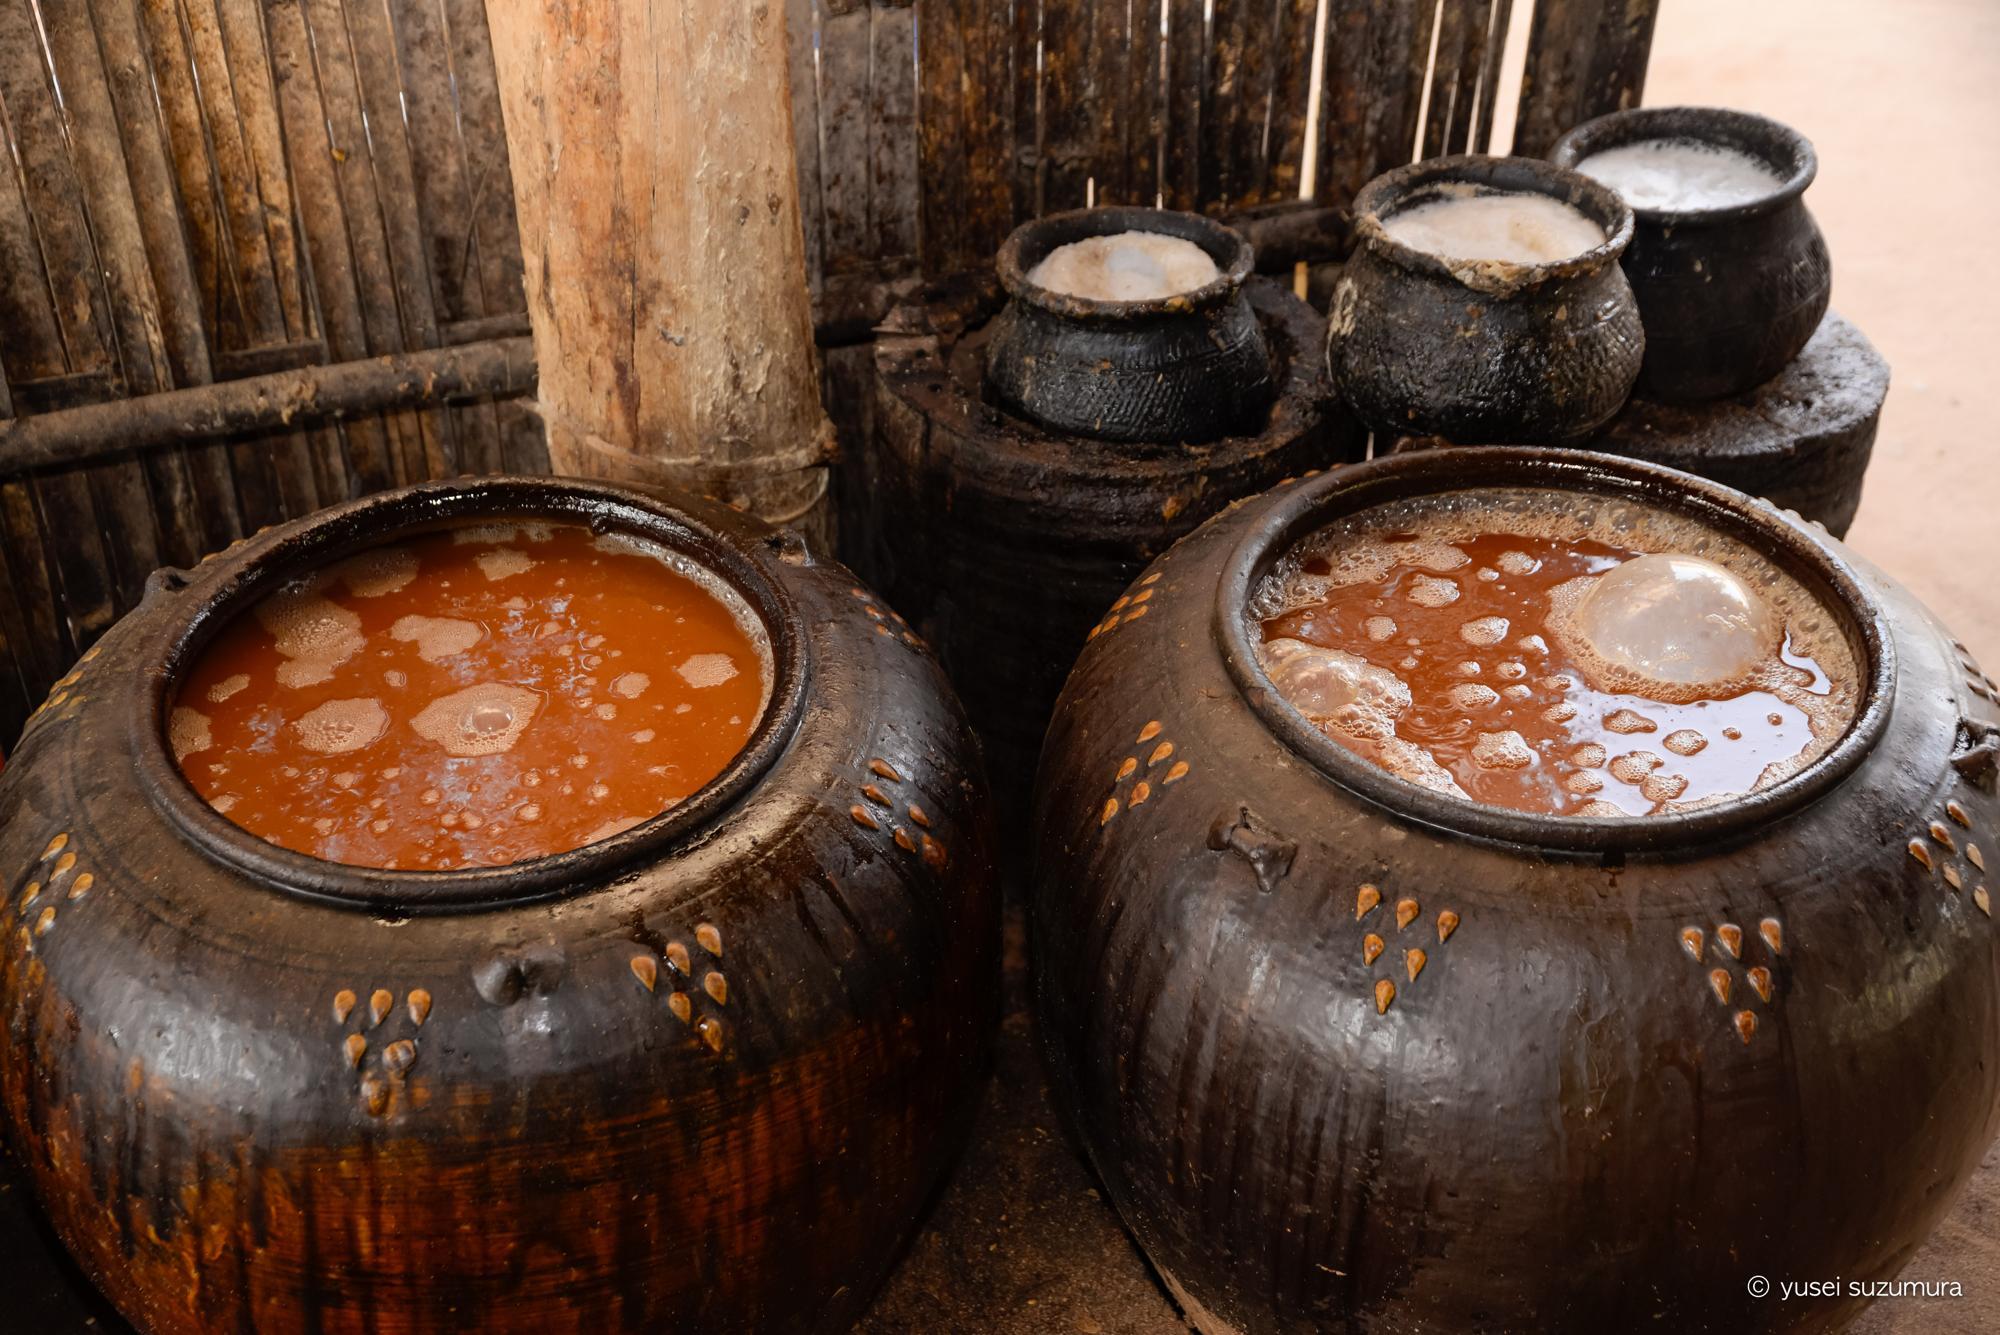 タンヤイン 酒 醸造